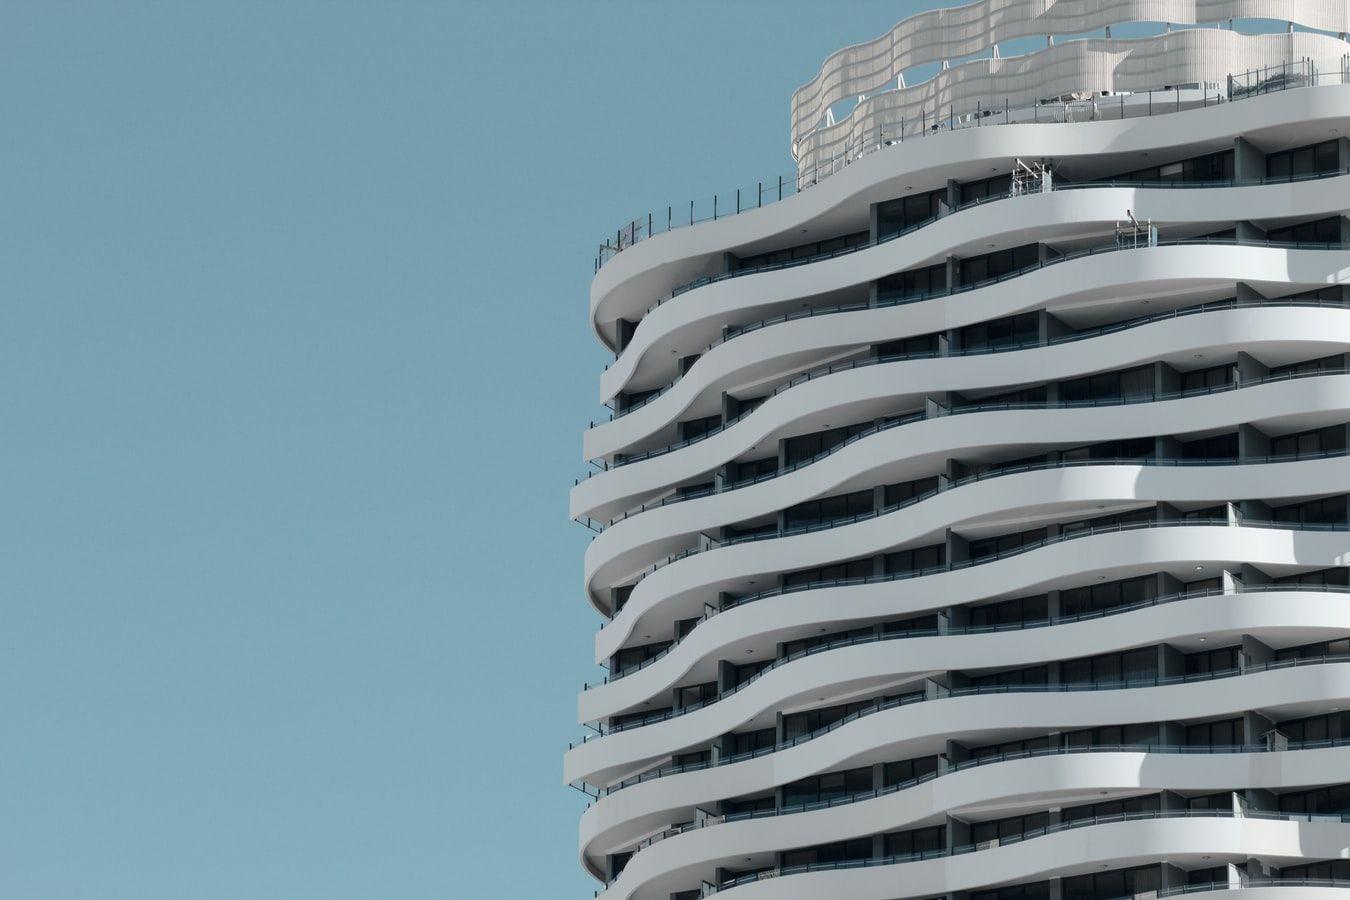 Strata Title / Body Corporate Insurance